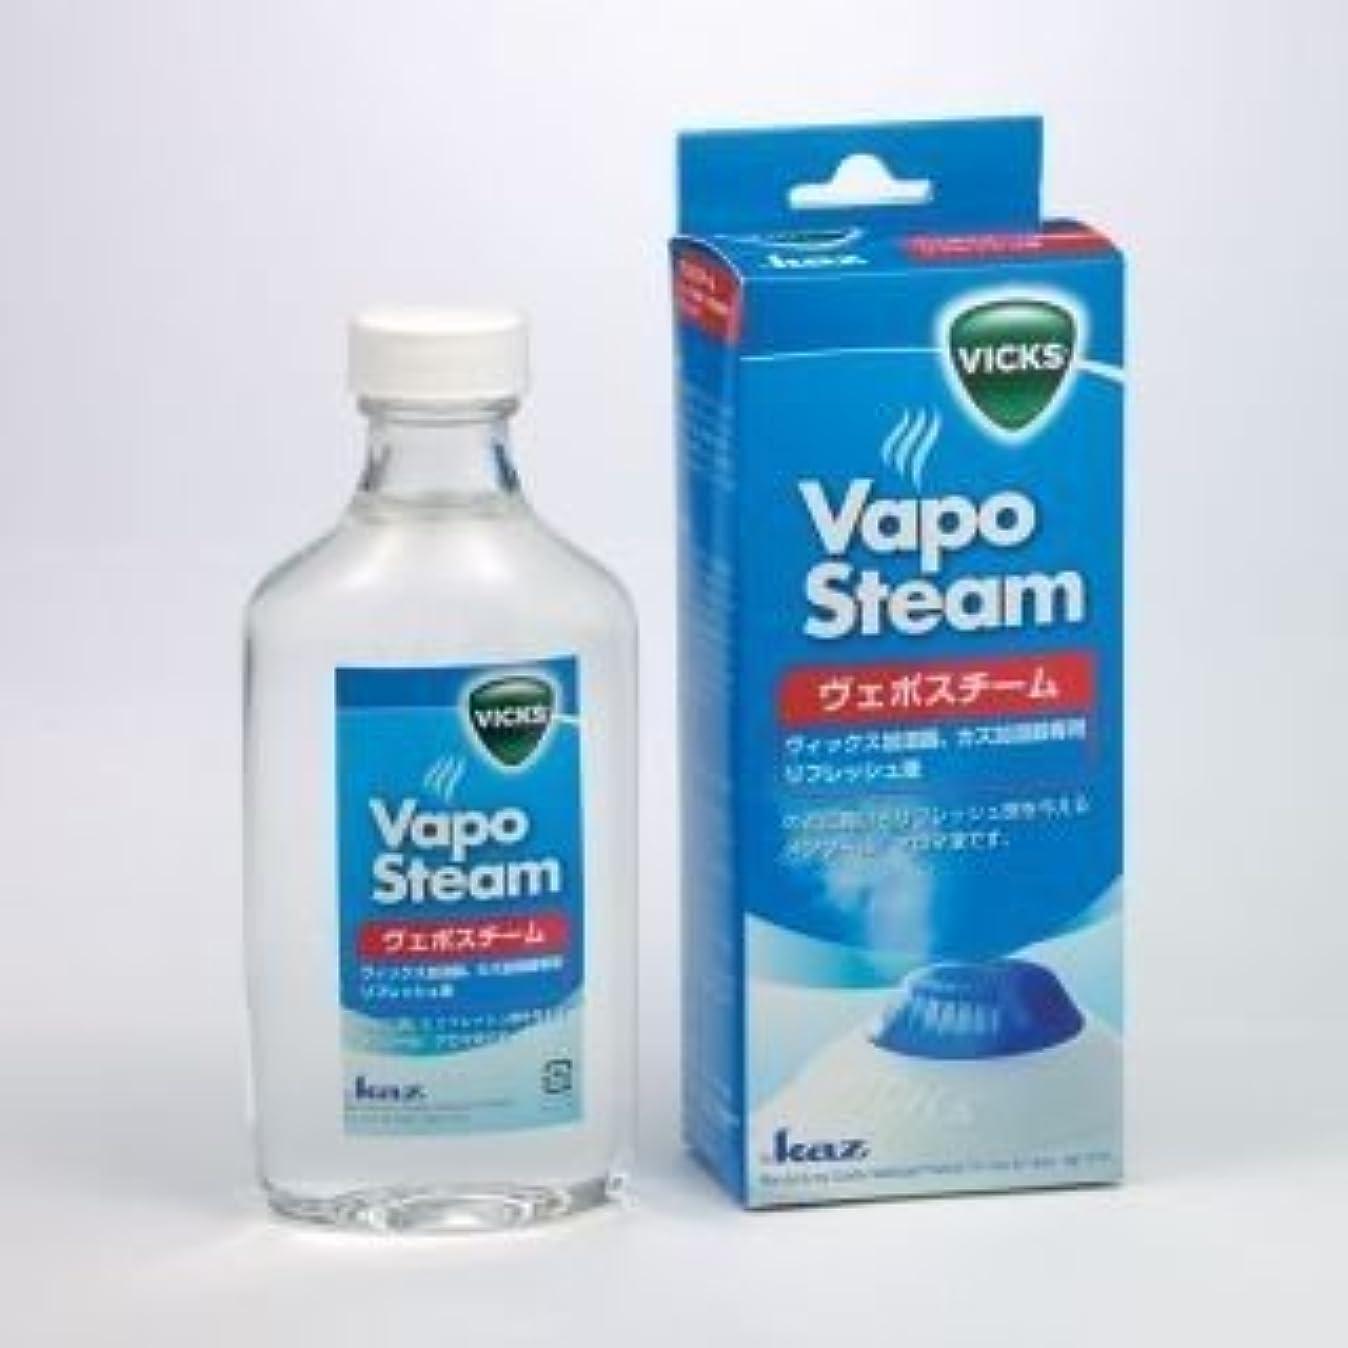 喉に潤いとリフレッシュ感を与えるアロマテラピー液!加湿器から噴出されるスチームとともにメンソール成分の入ったリフレッシュ液の香りが一緒に発散!【2個セット】